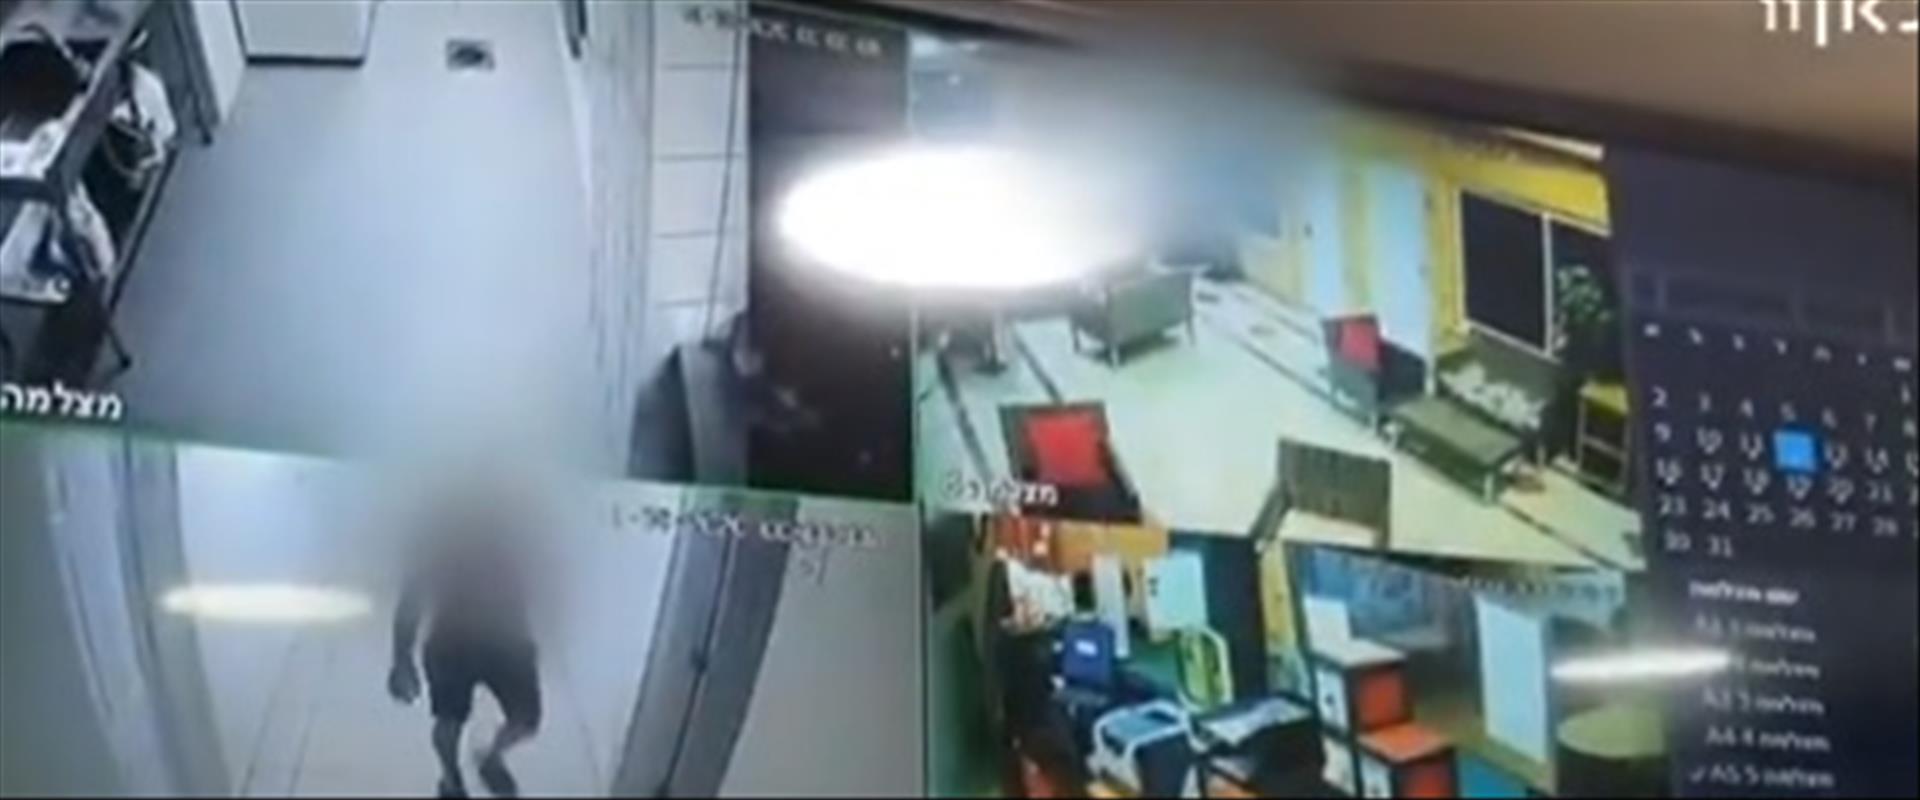 תיעוד ממצלמות האבטחה במלון באילת